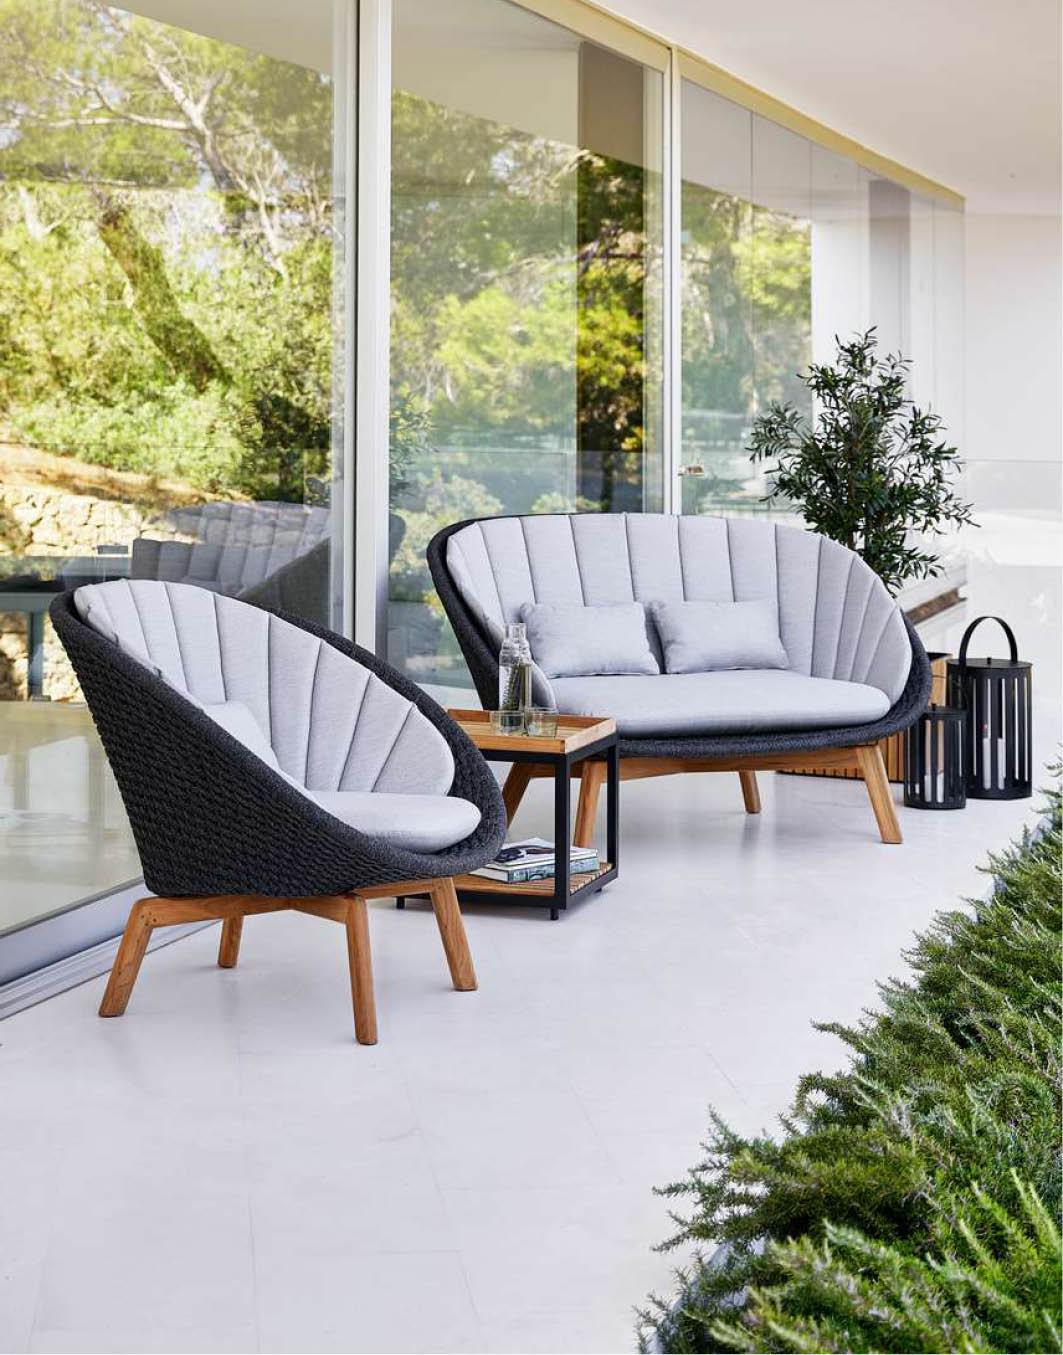 Peacock Lounge Cane Line Walli Gartenmobel Online Shop No Wien